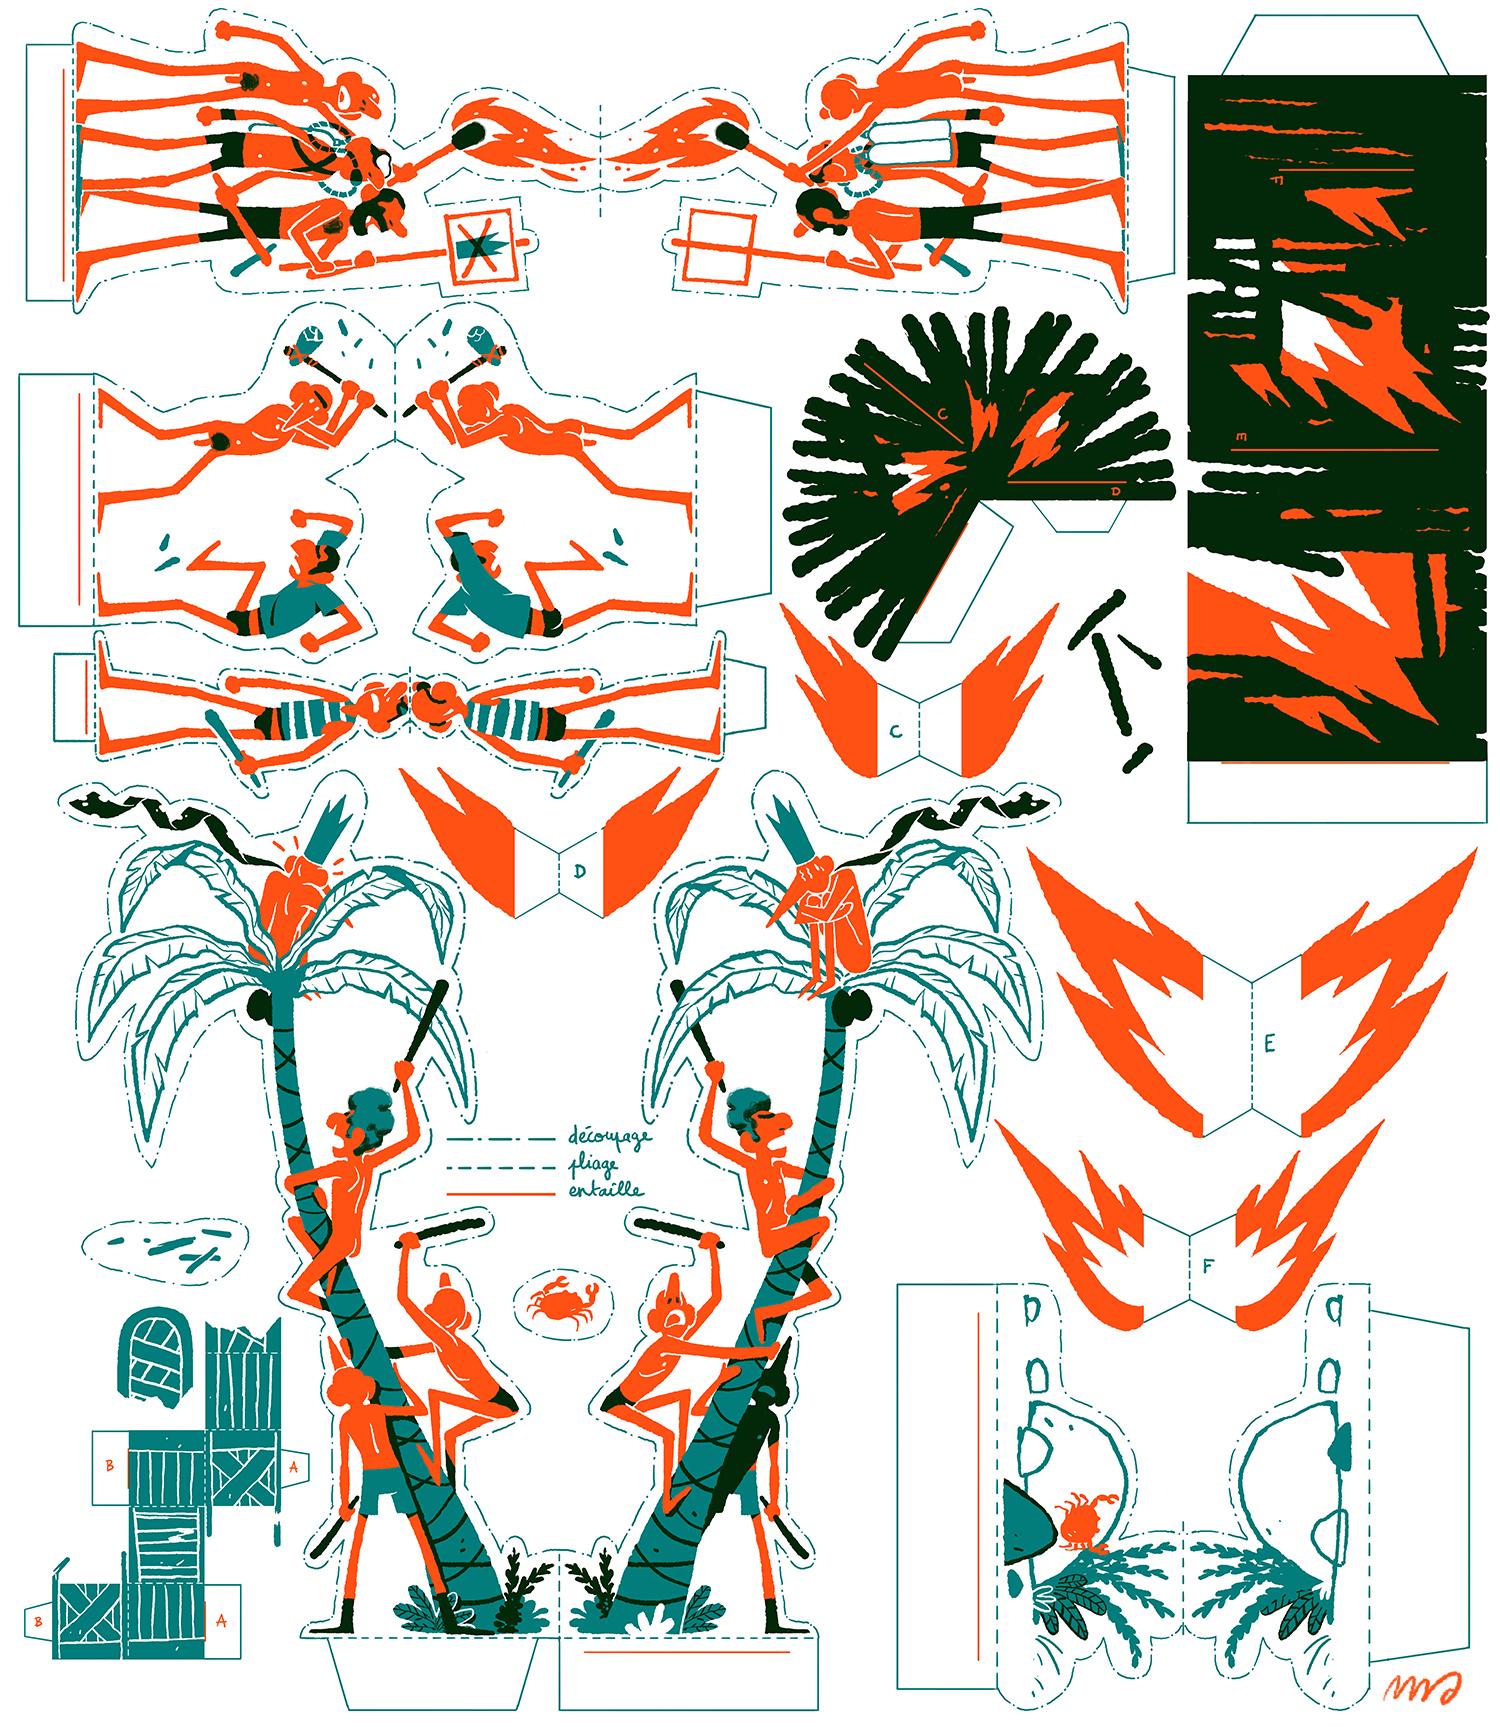 fumetti-imageB.jpg